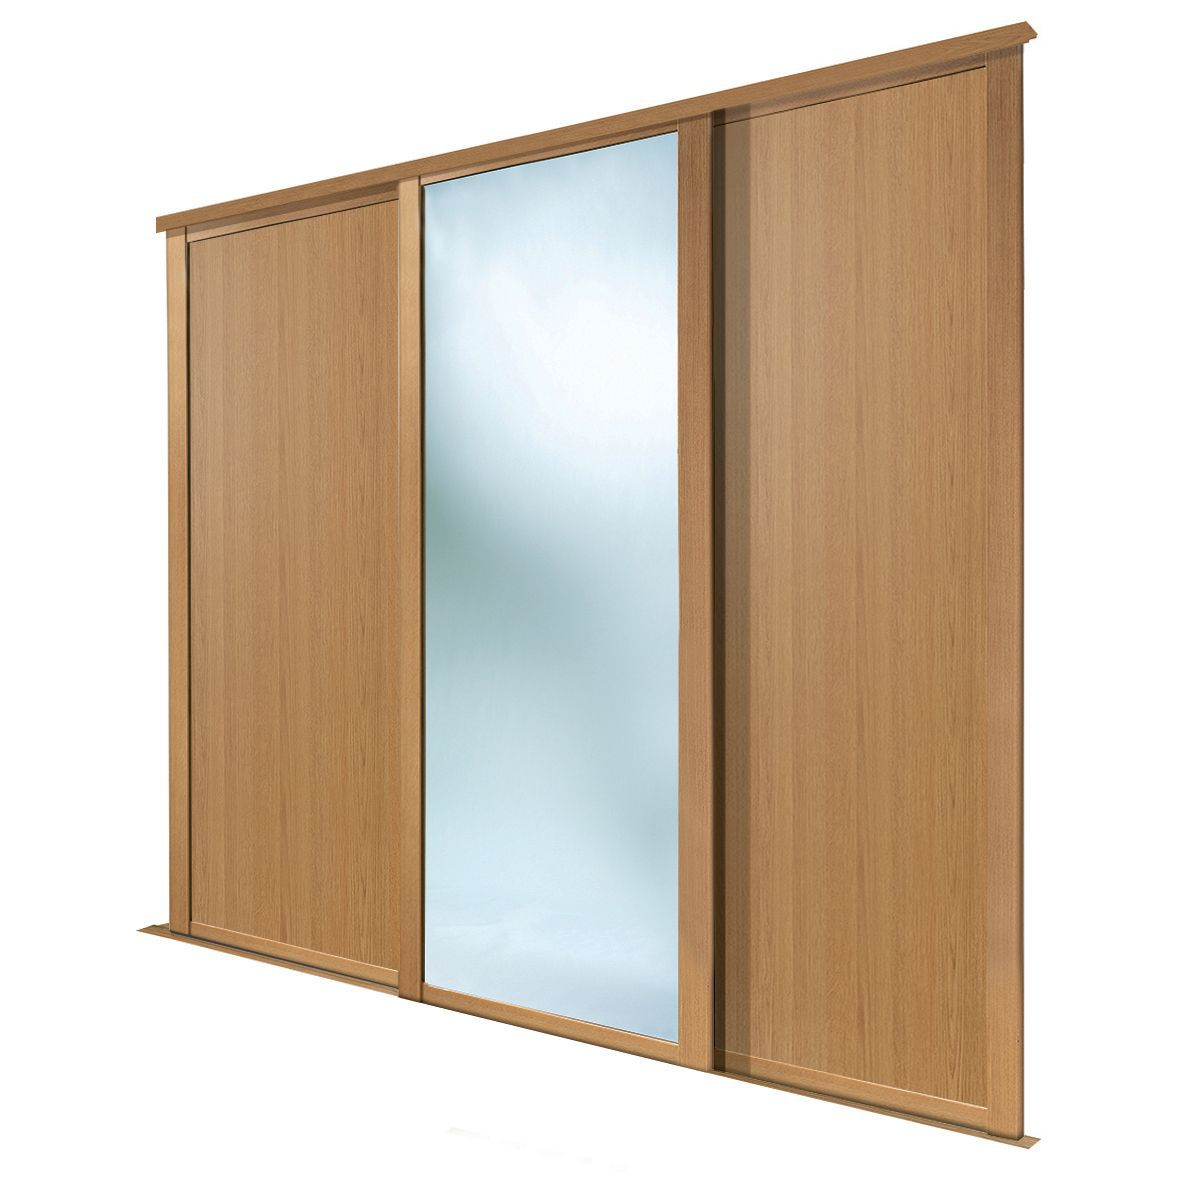 Shaker Full Length Mirror Oak Effect Sliding Wardrobe Door (h)2223 Mm (w)914mm, Pack Of 3